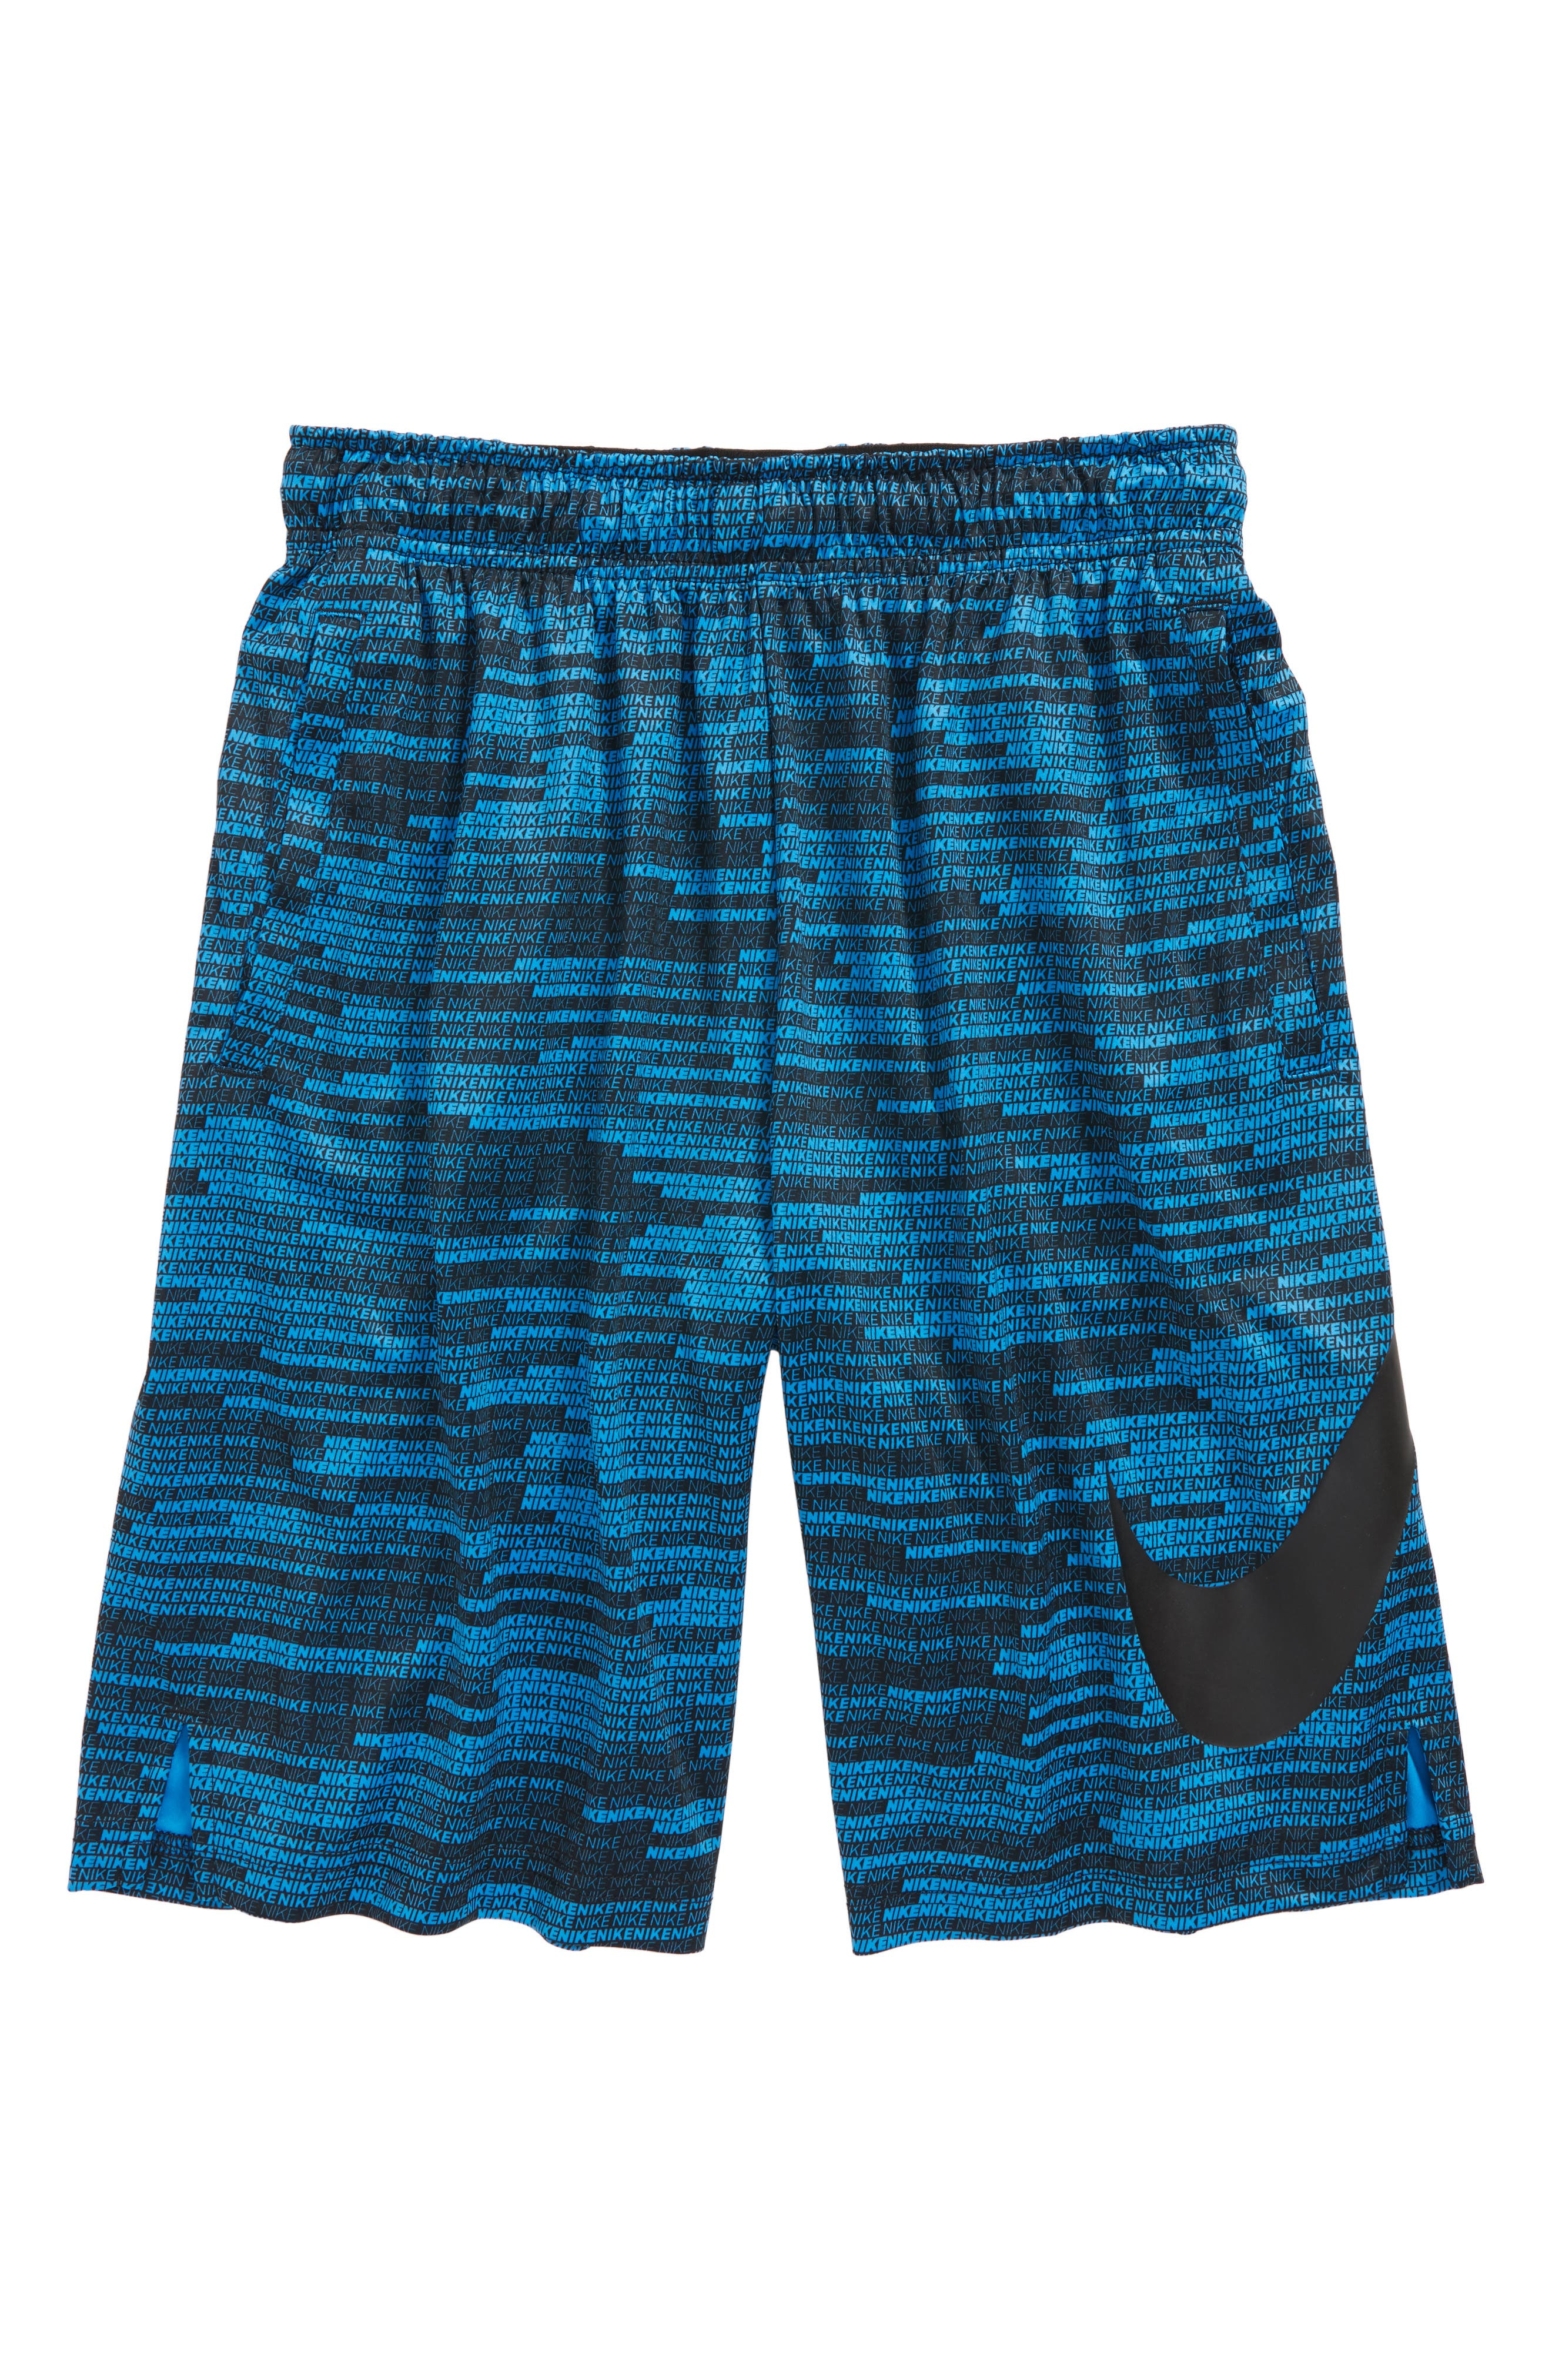 Dry Training Shorts,                             Main thumbnail 1, color,                             Blue/ Black